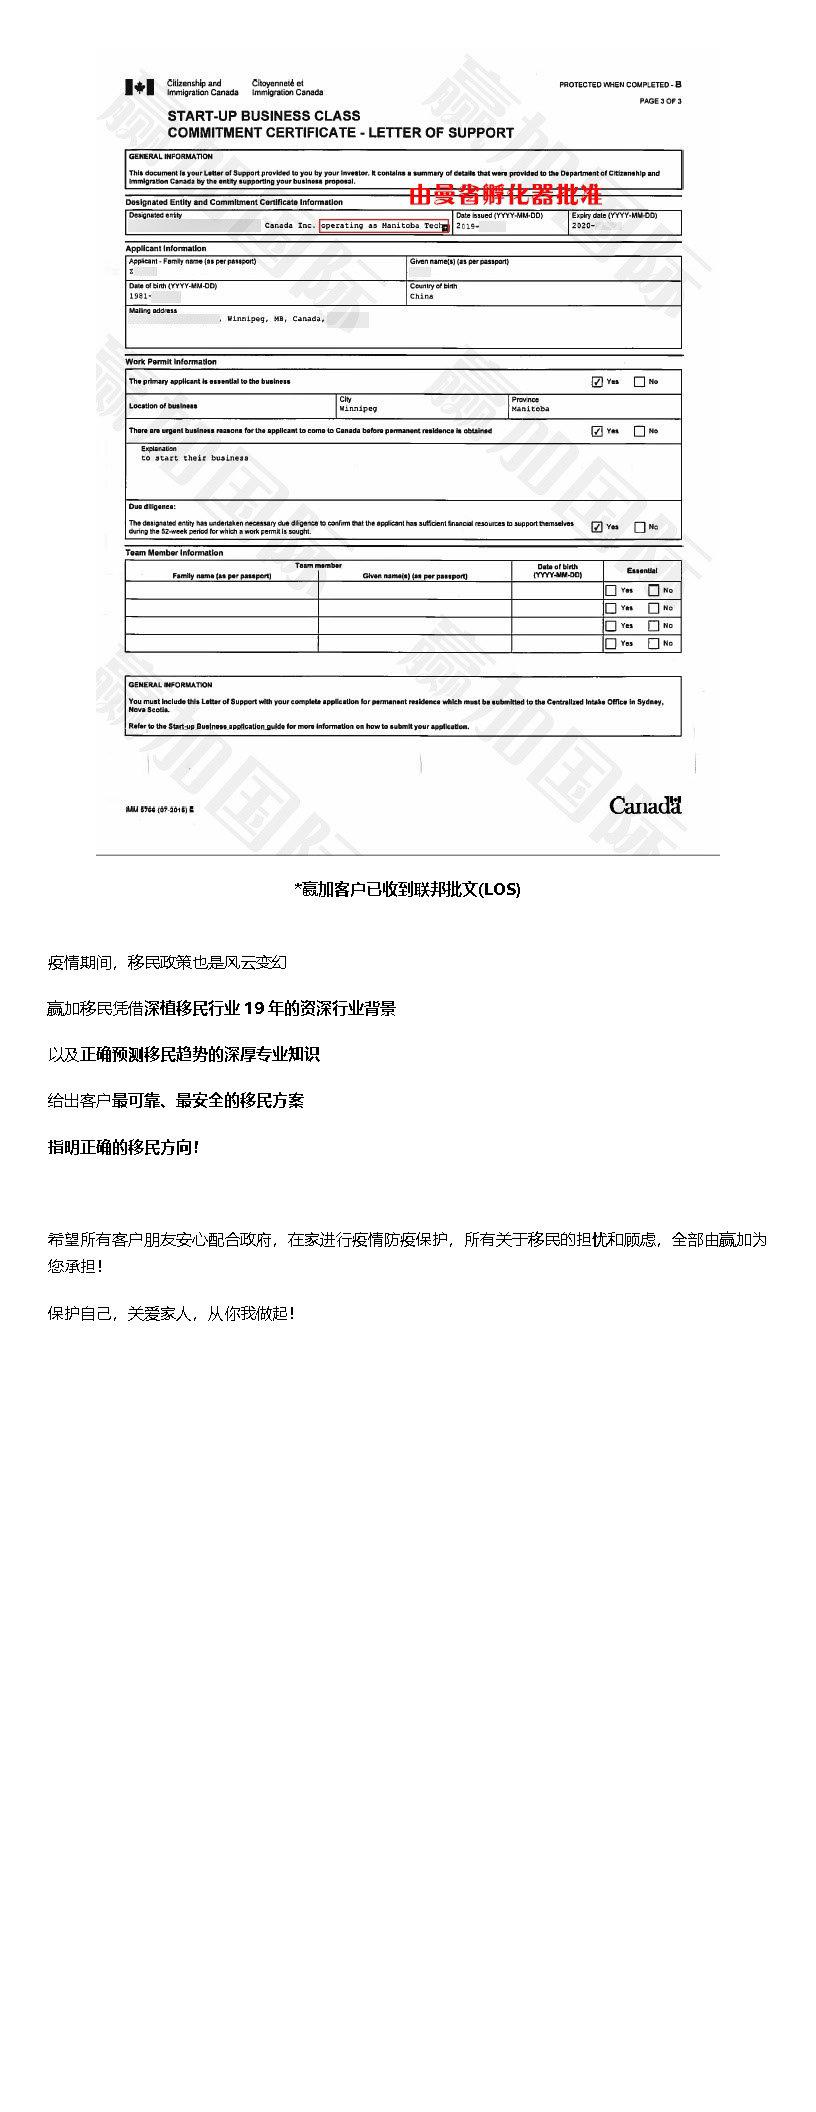 20200323 温尼伯站推文_Page_5.jpg